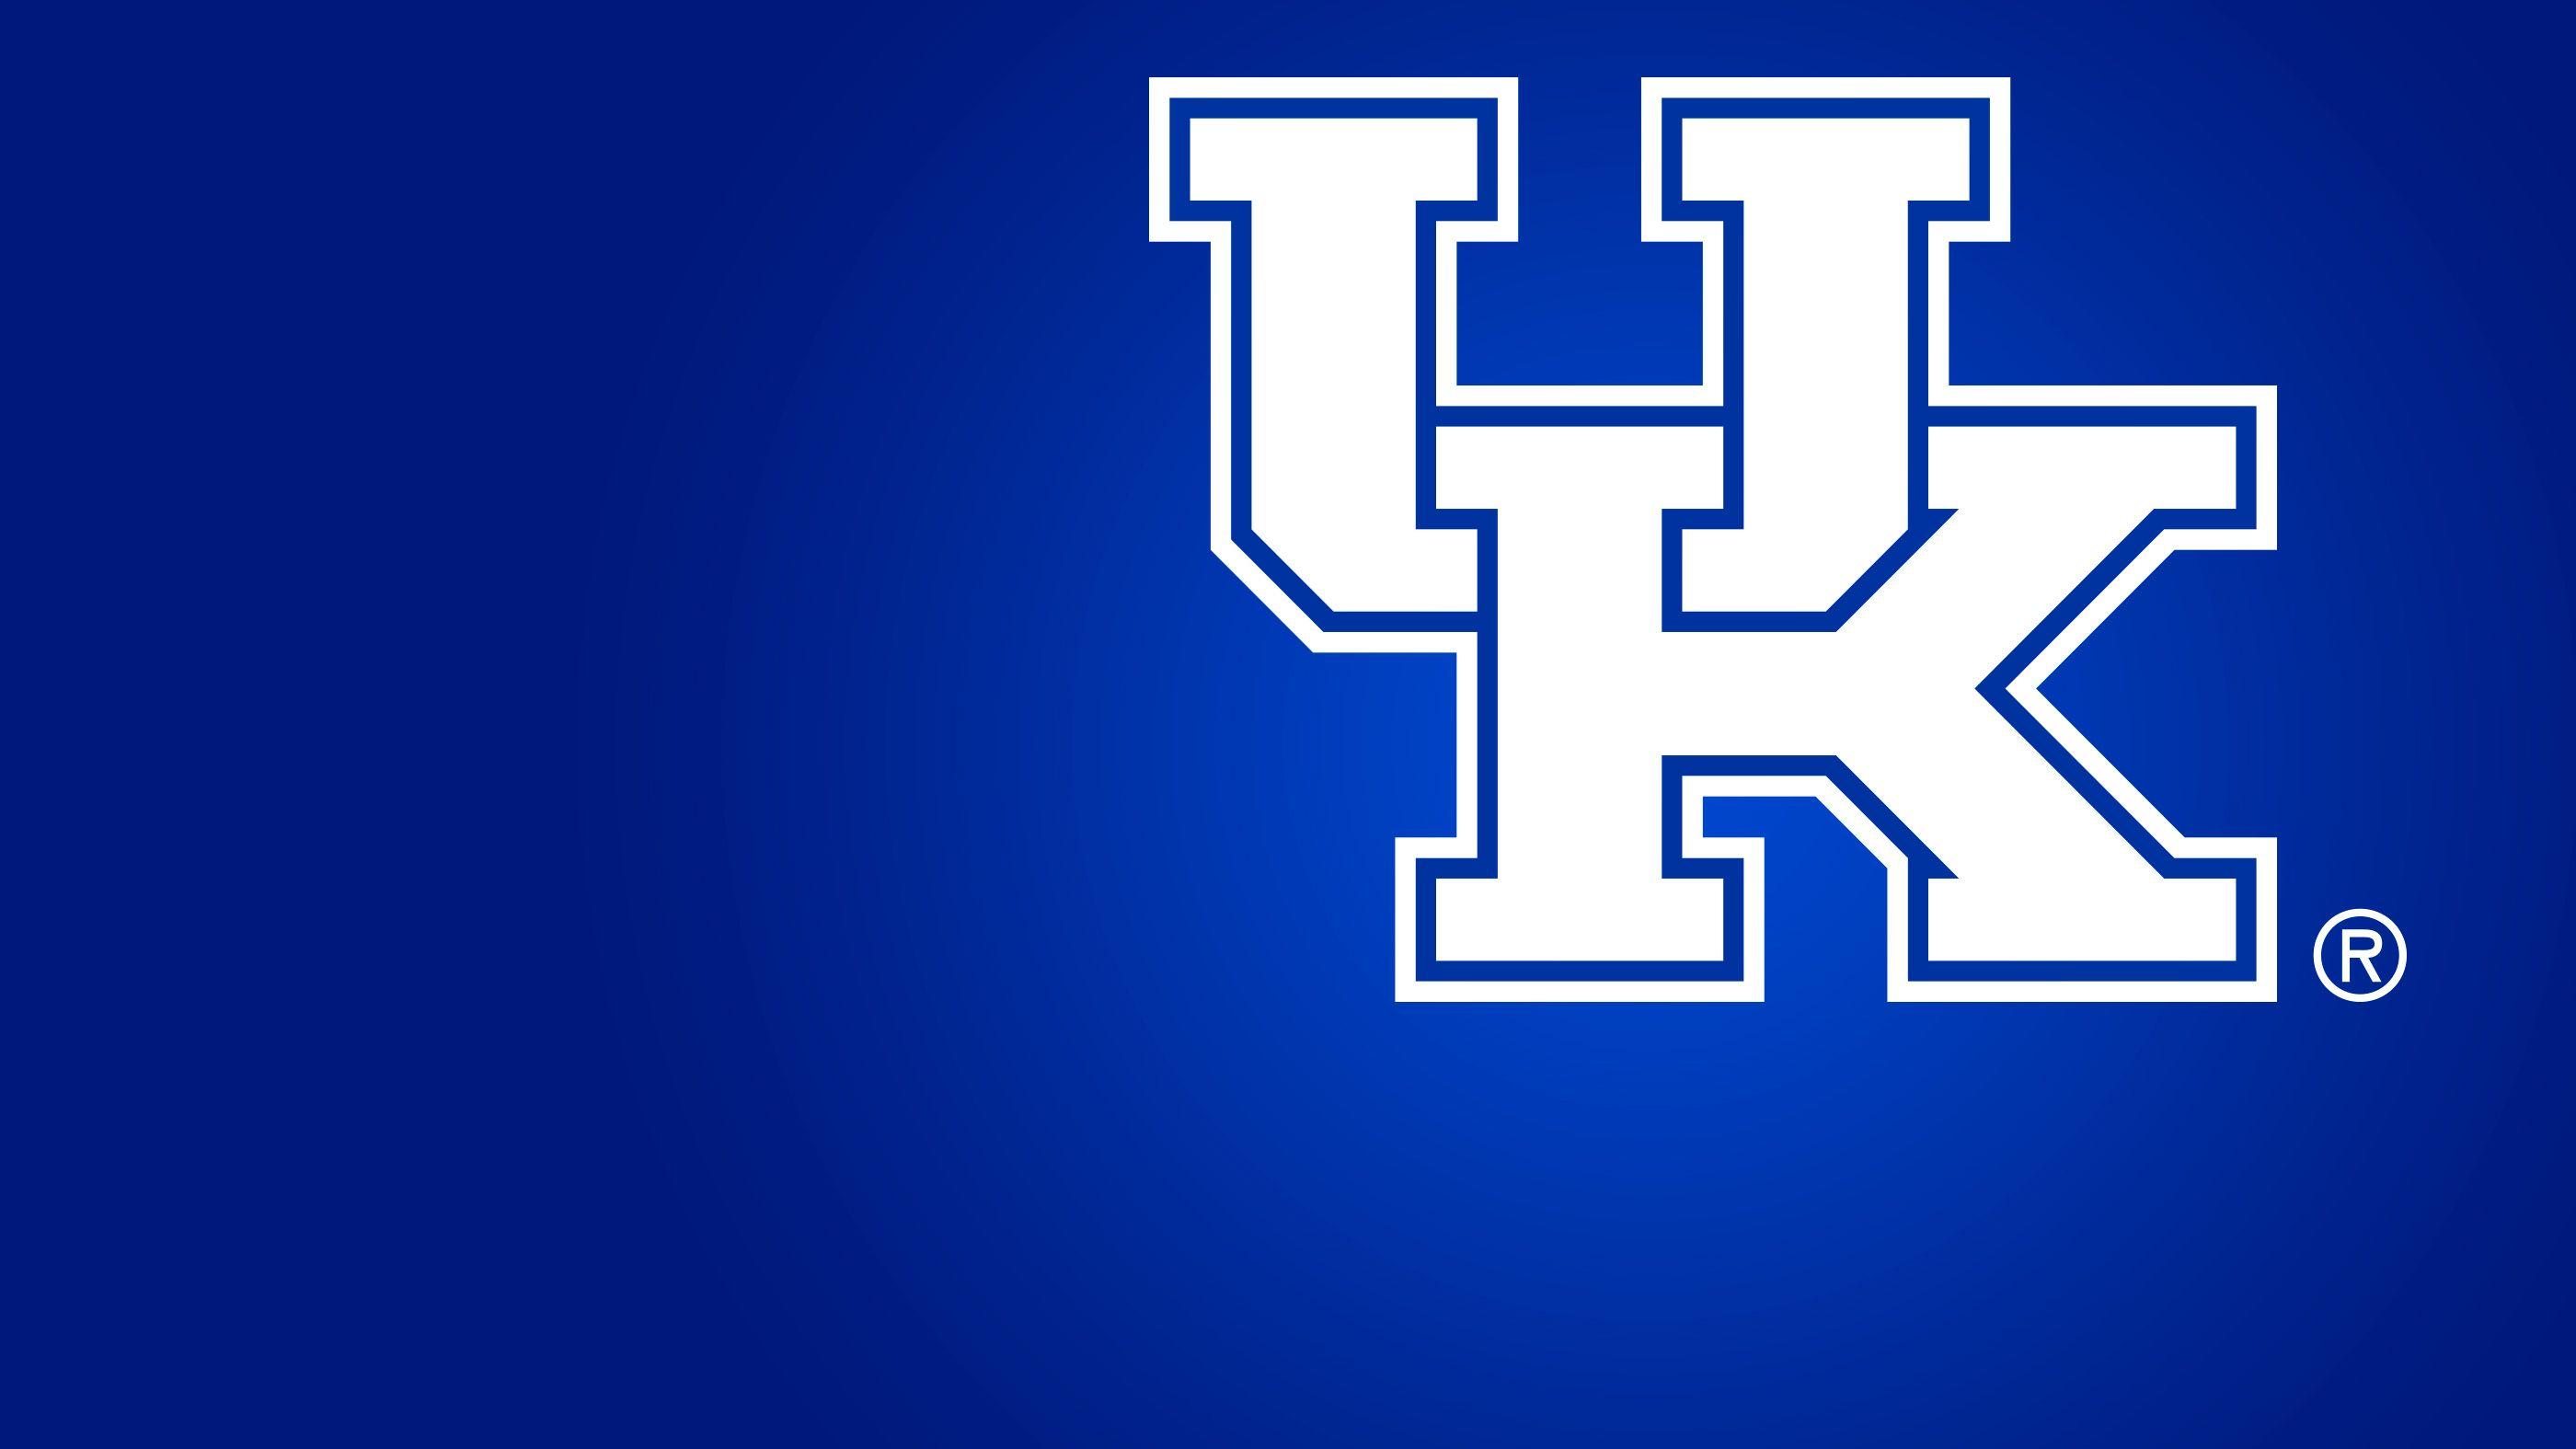 Kentucky Wallpapers   Top Kentucky Backgrounds   WallpaperAccess 2800x1575